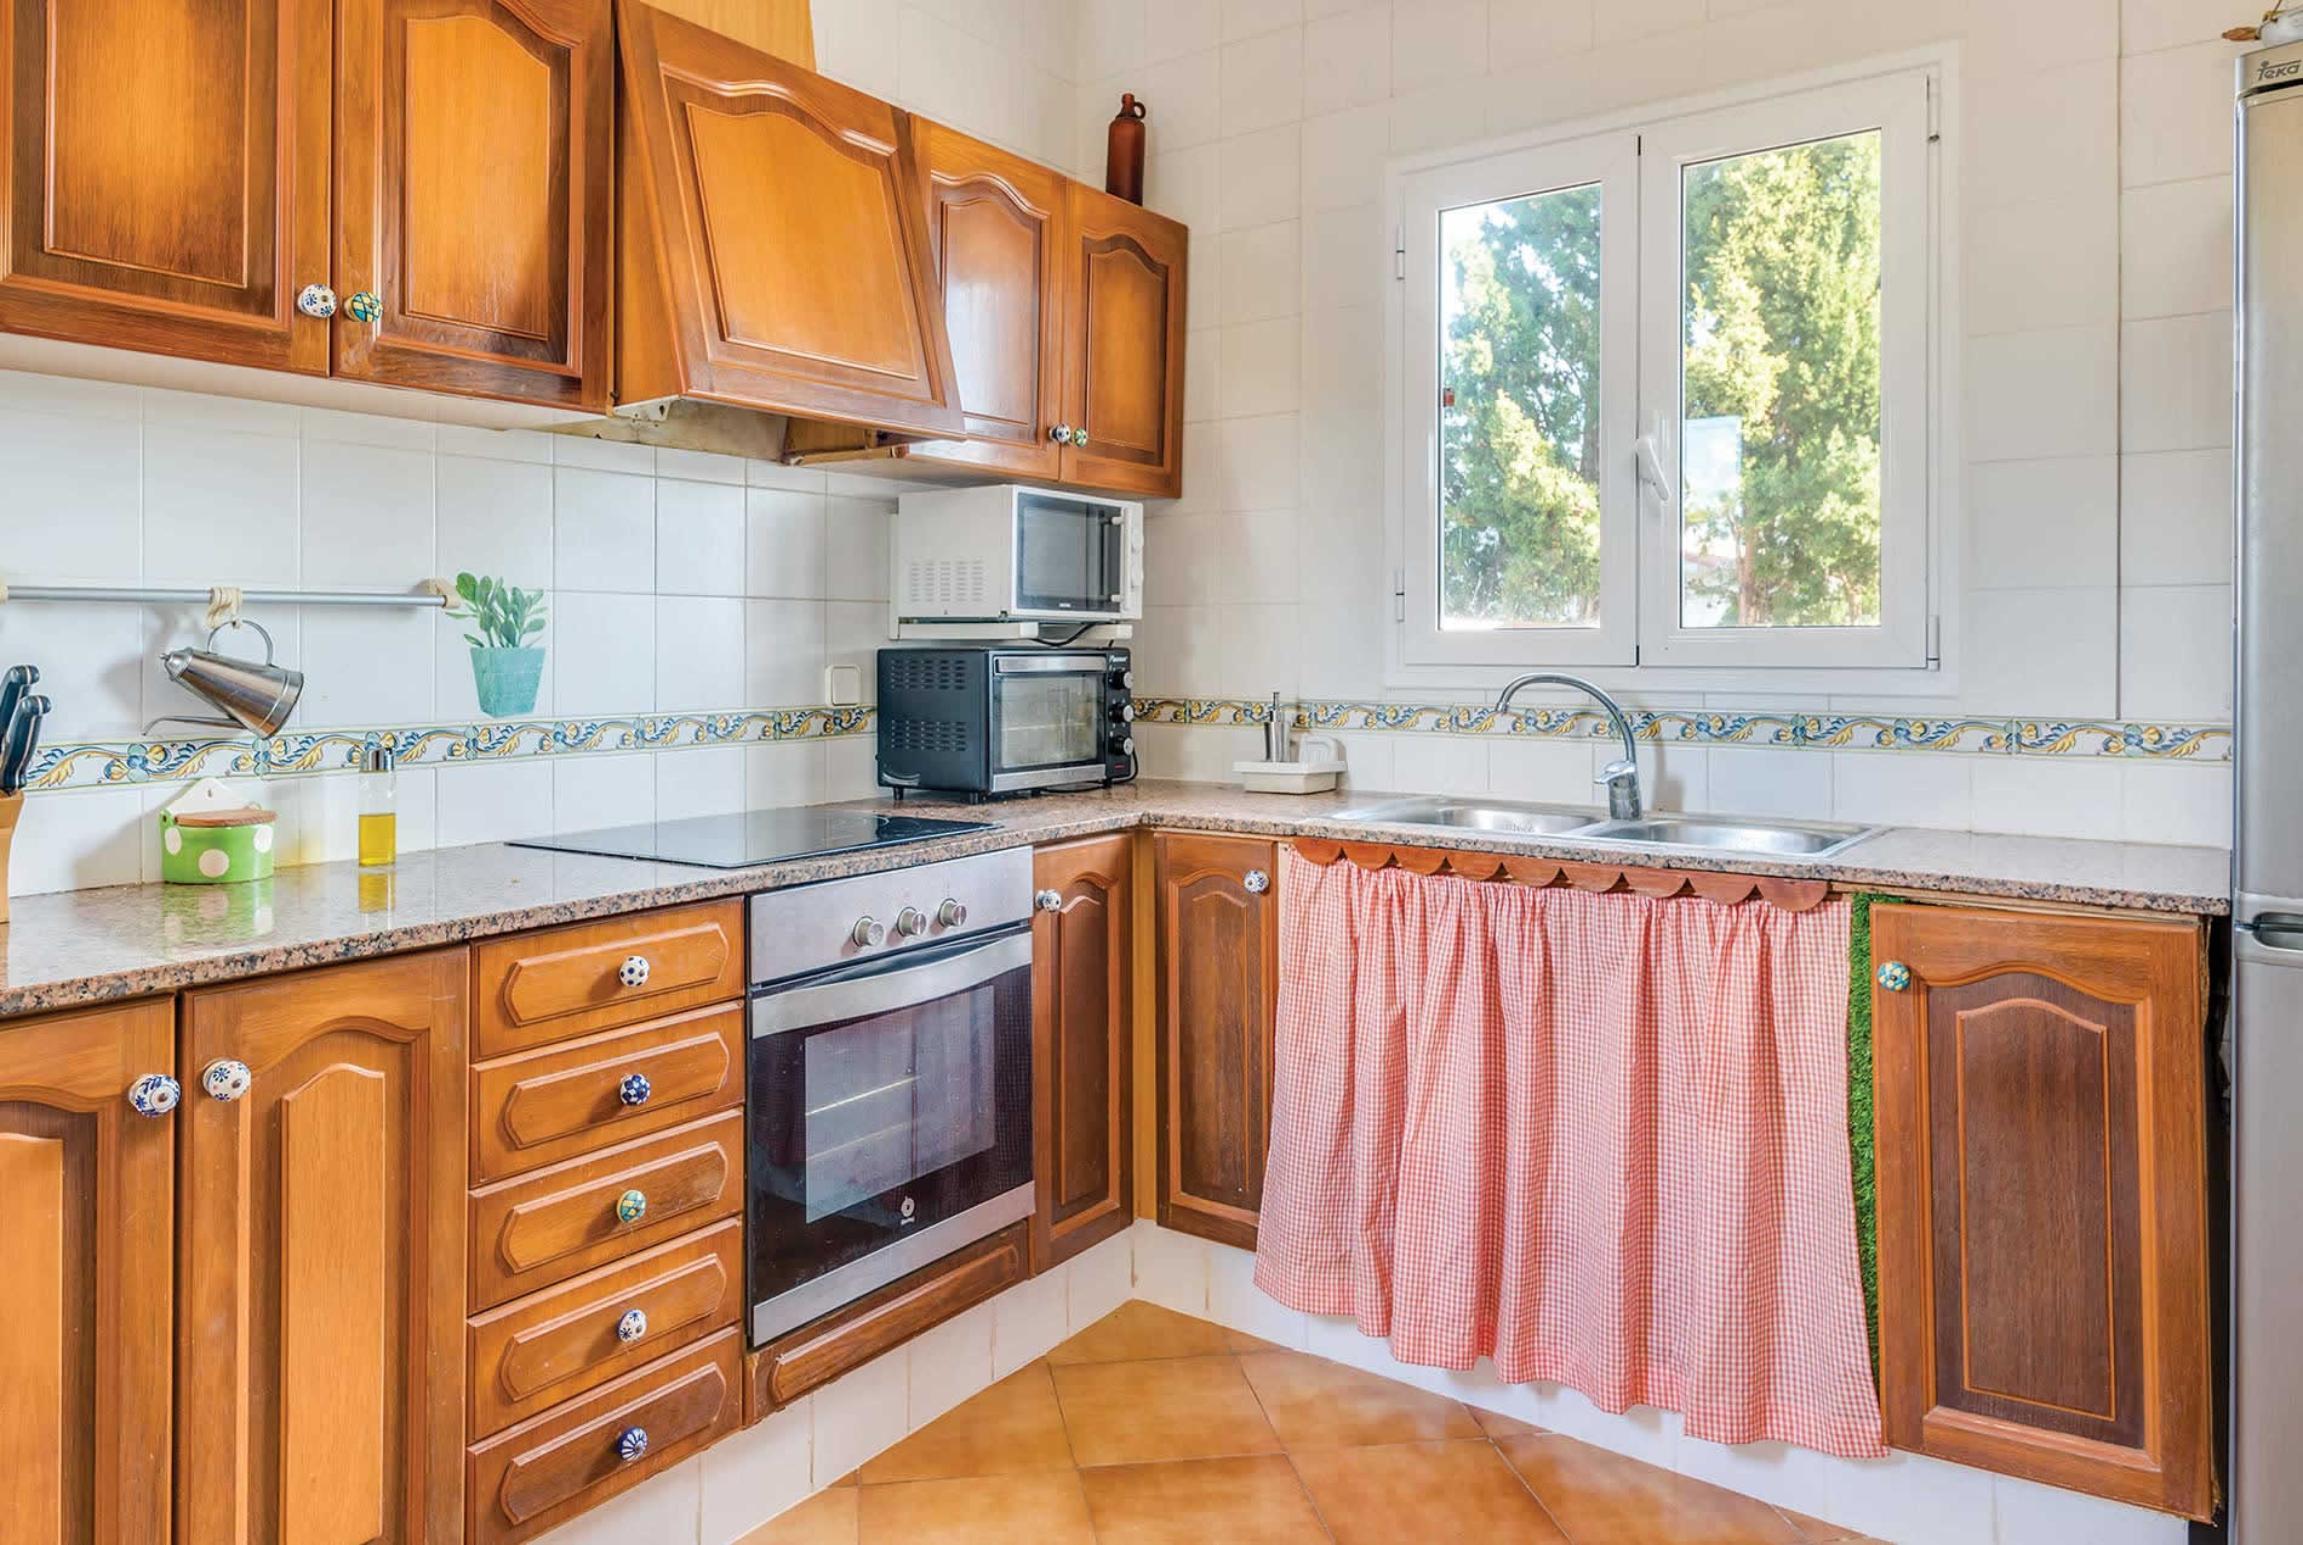 Ferienhaus Casa Luis (2653617), Punta Prima, Menorca, Balearische Inseln, Spanien, Bild 4